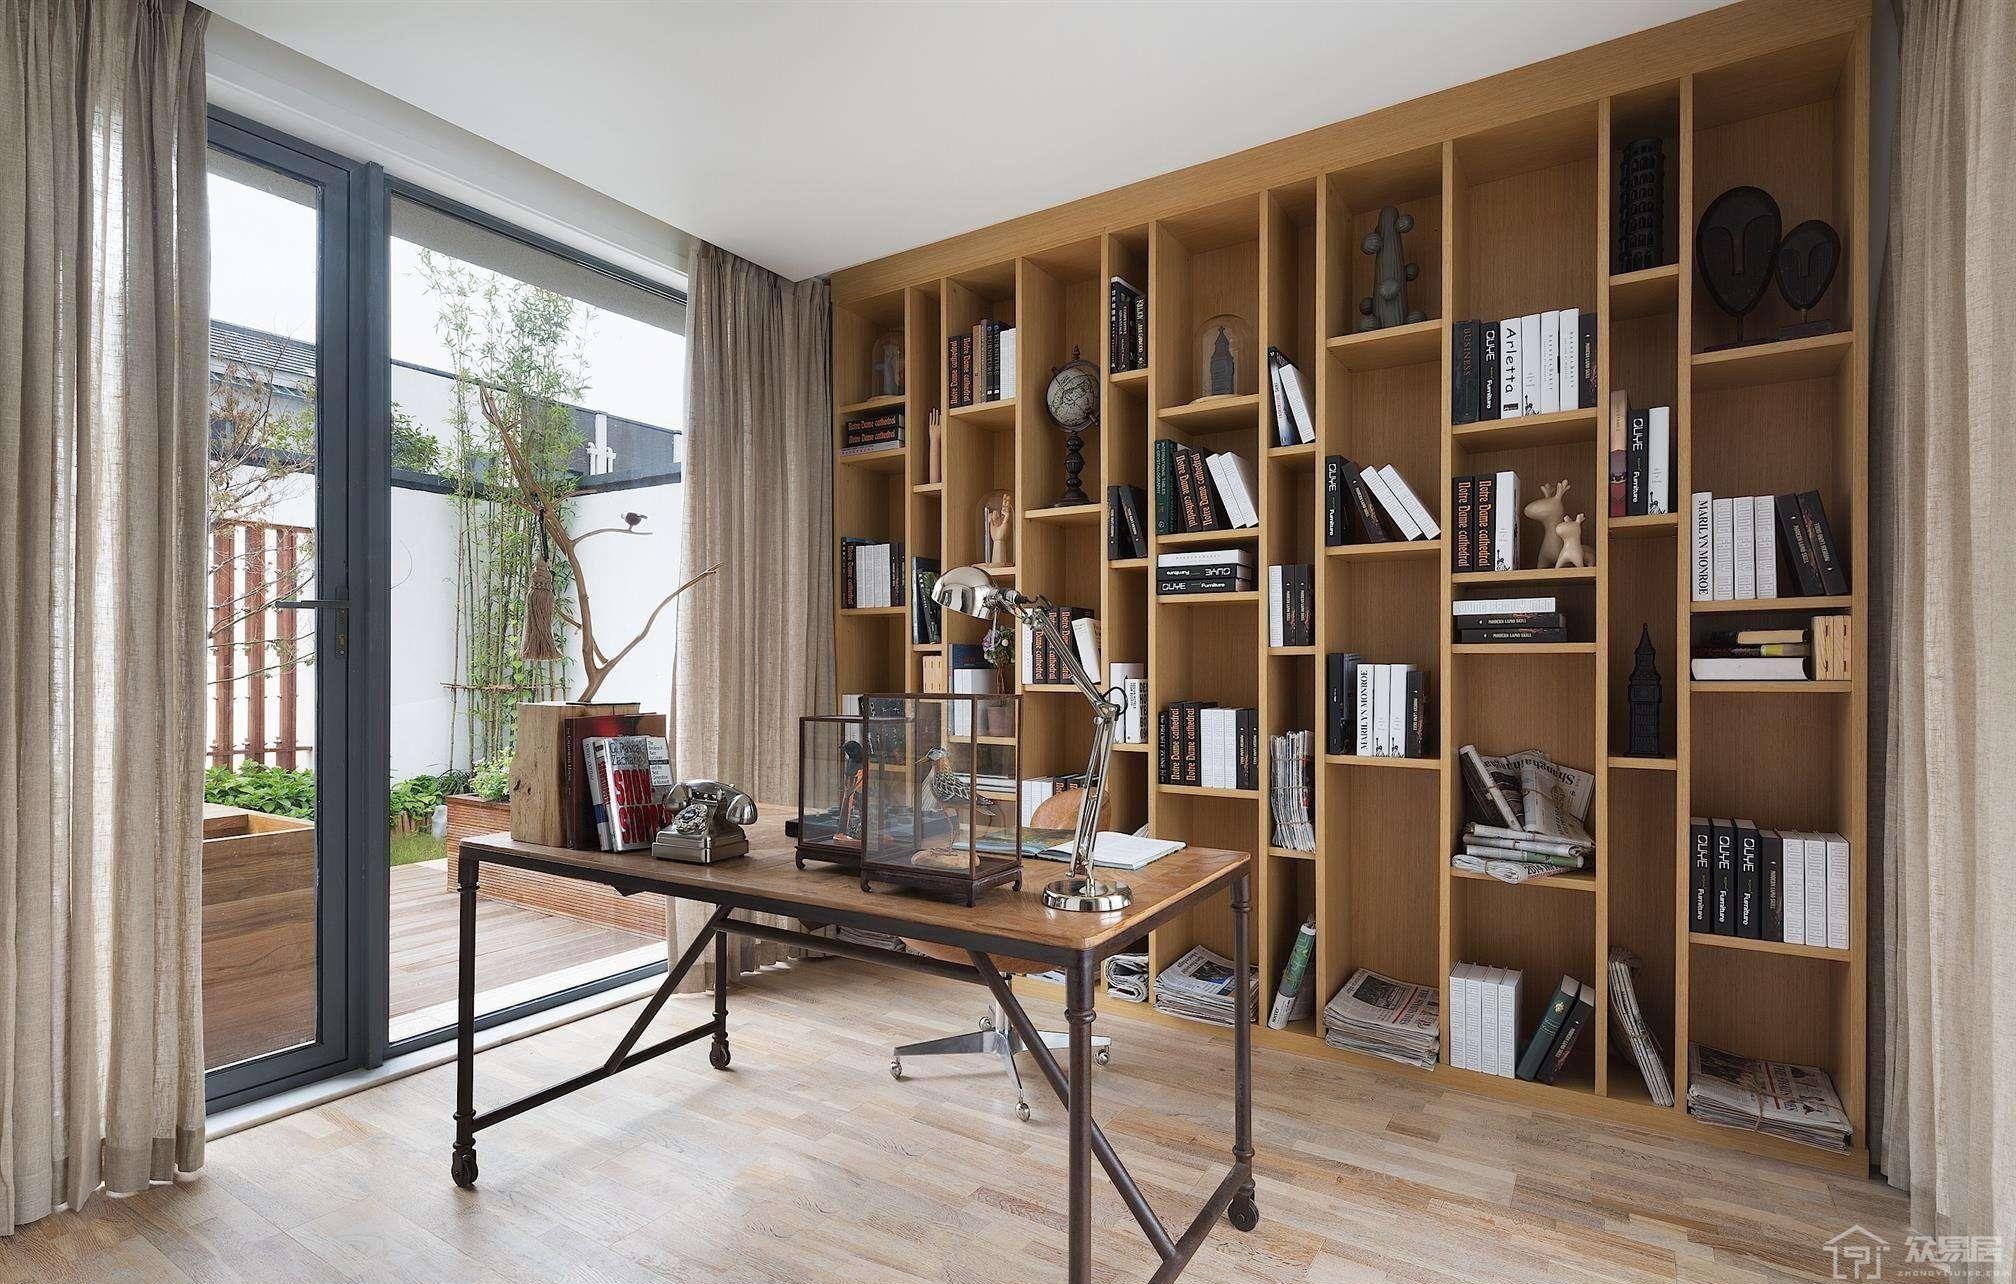 新房室内装修注意事项有哪些?室内装修要点及效果图